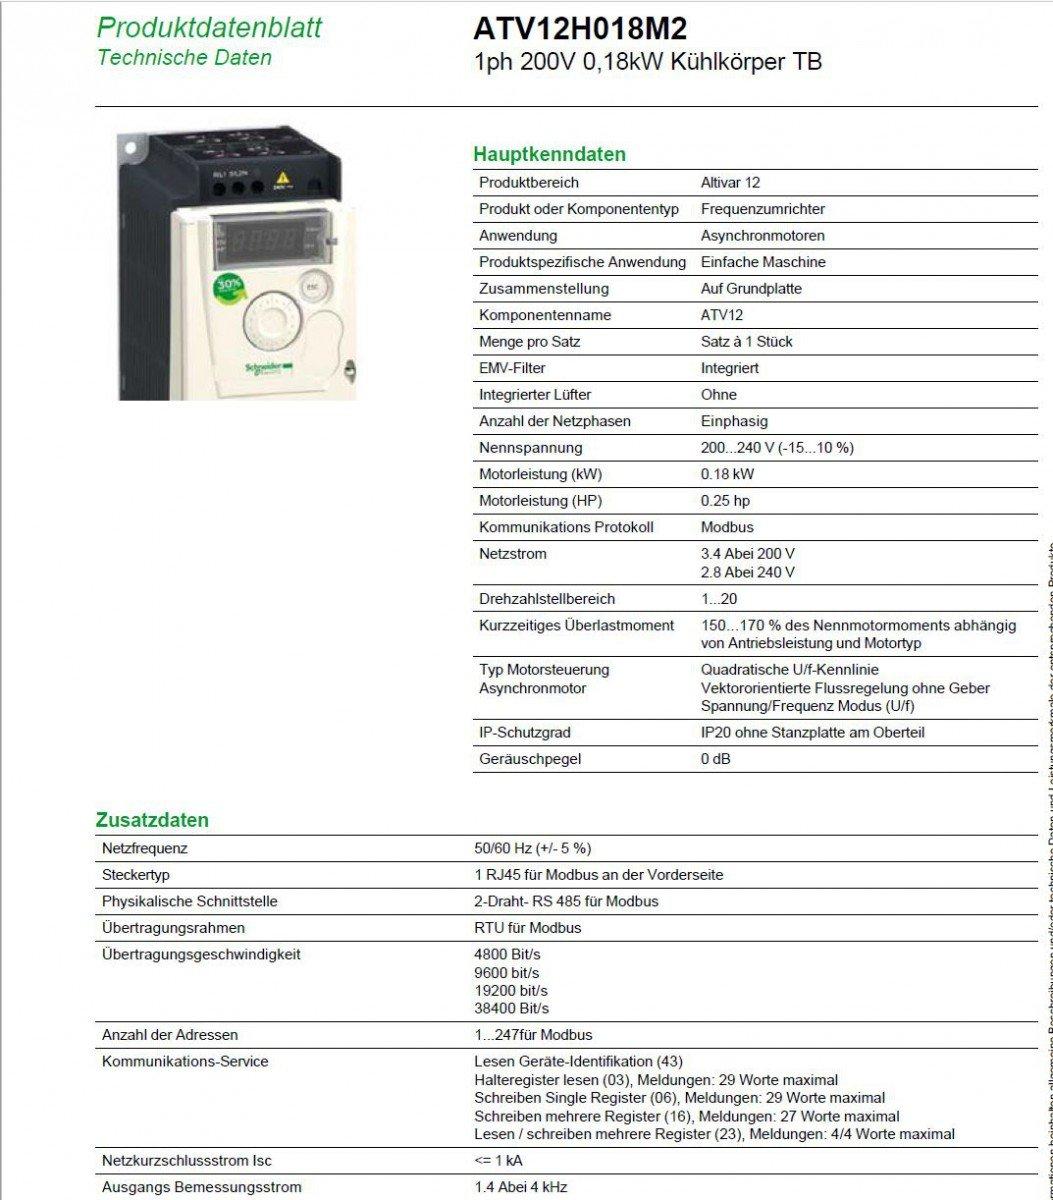 Schneider Electric ATV12H018M2 Fase 200 V 0,18 kW receptor de calor TB: Amazon.es: Industria, empresas y ciencia